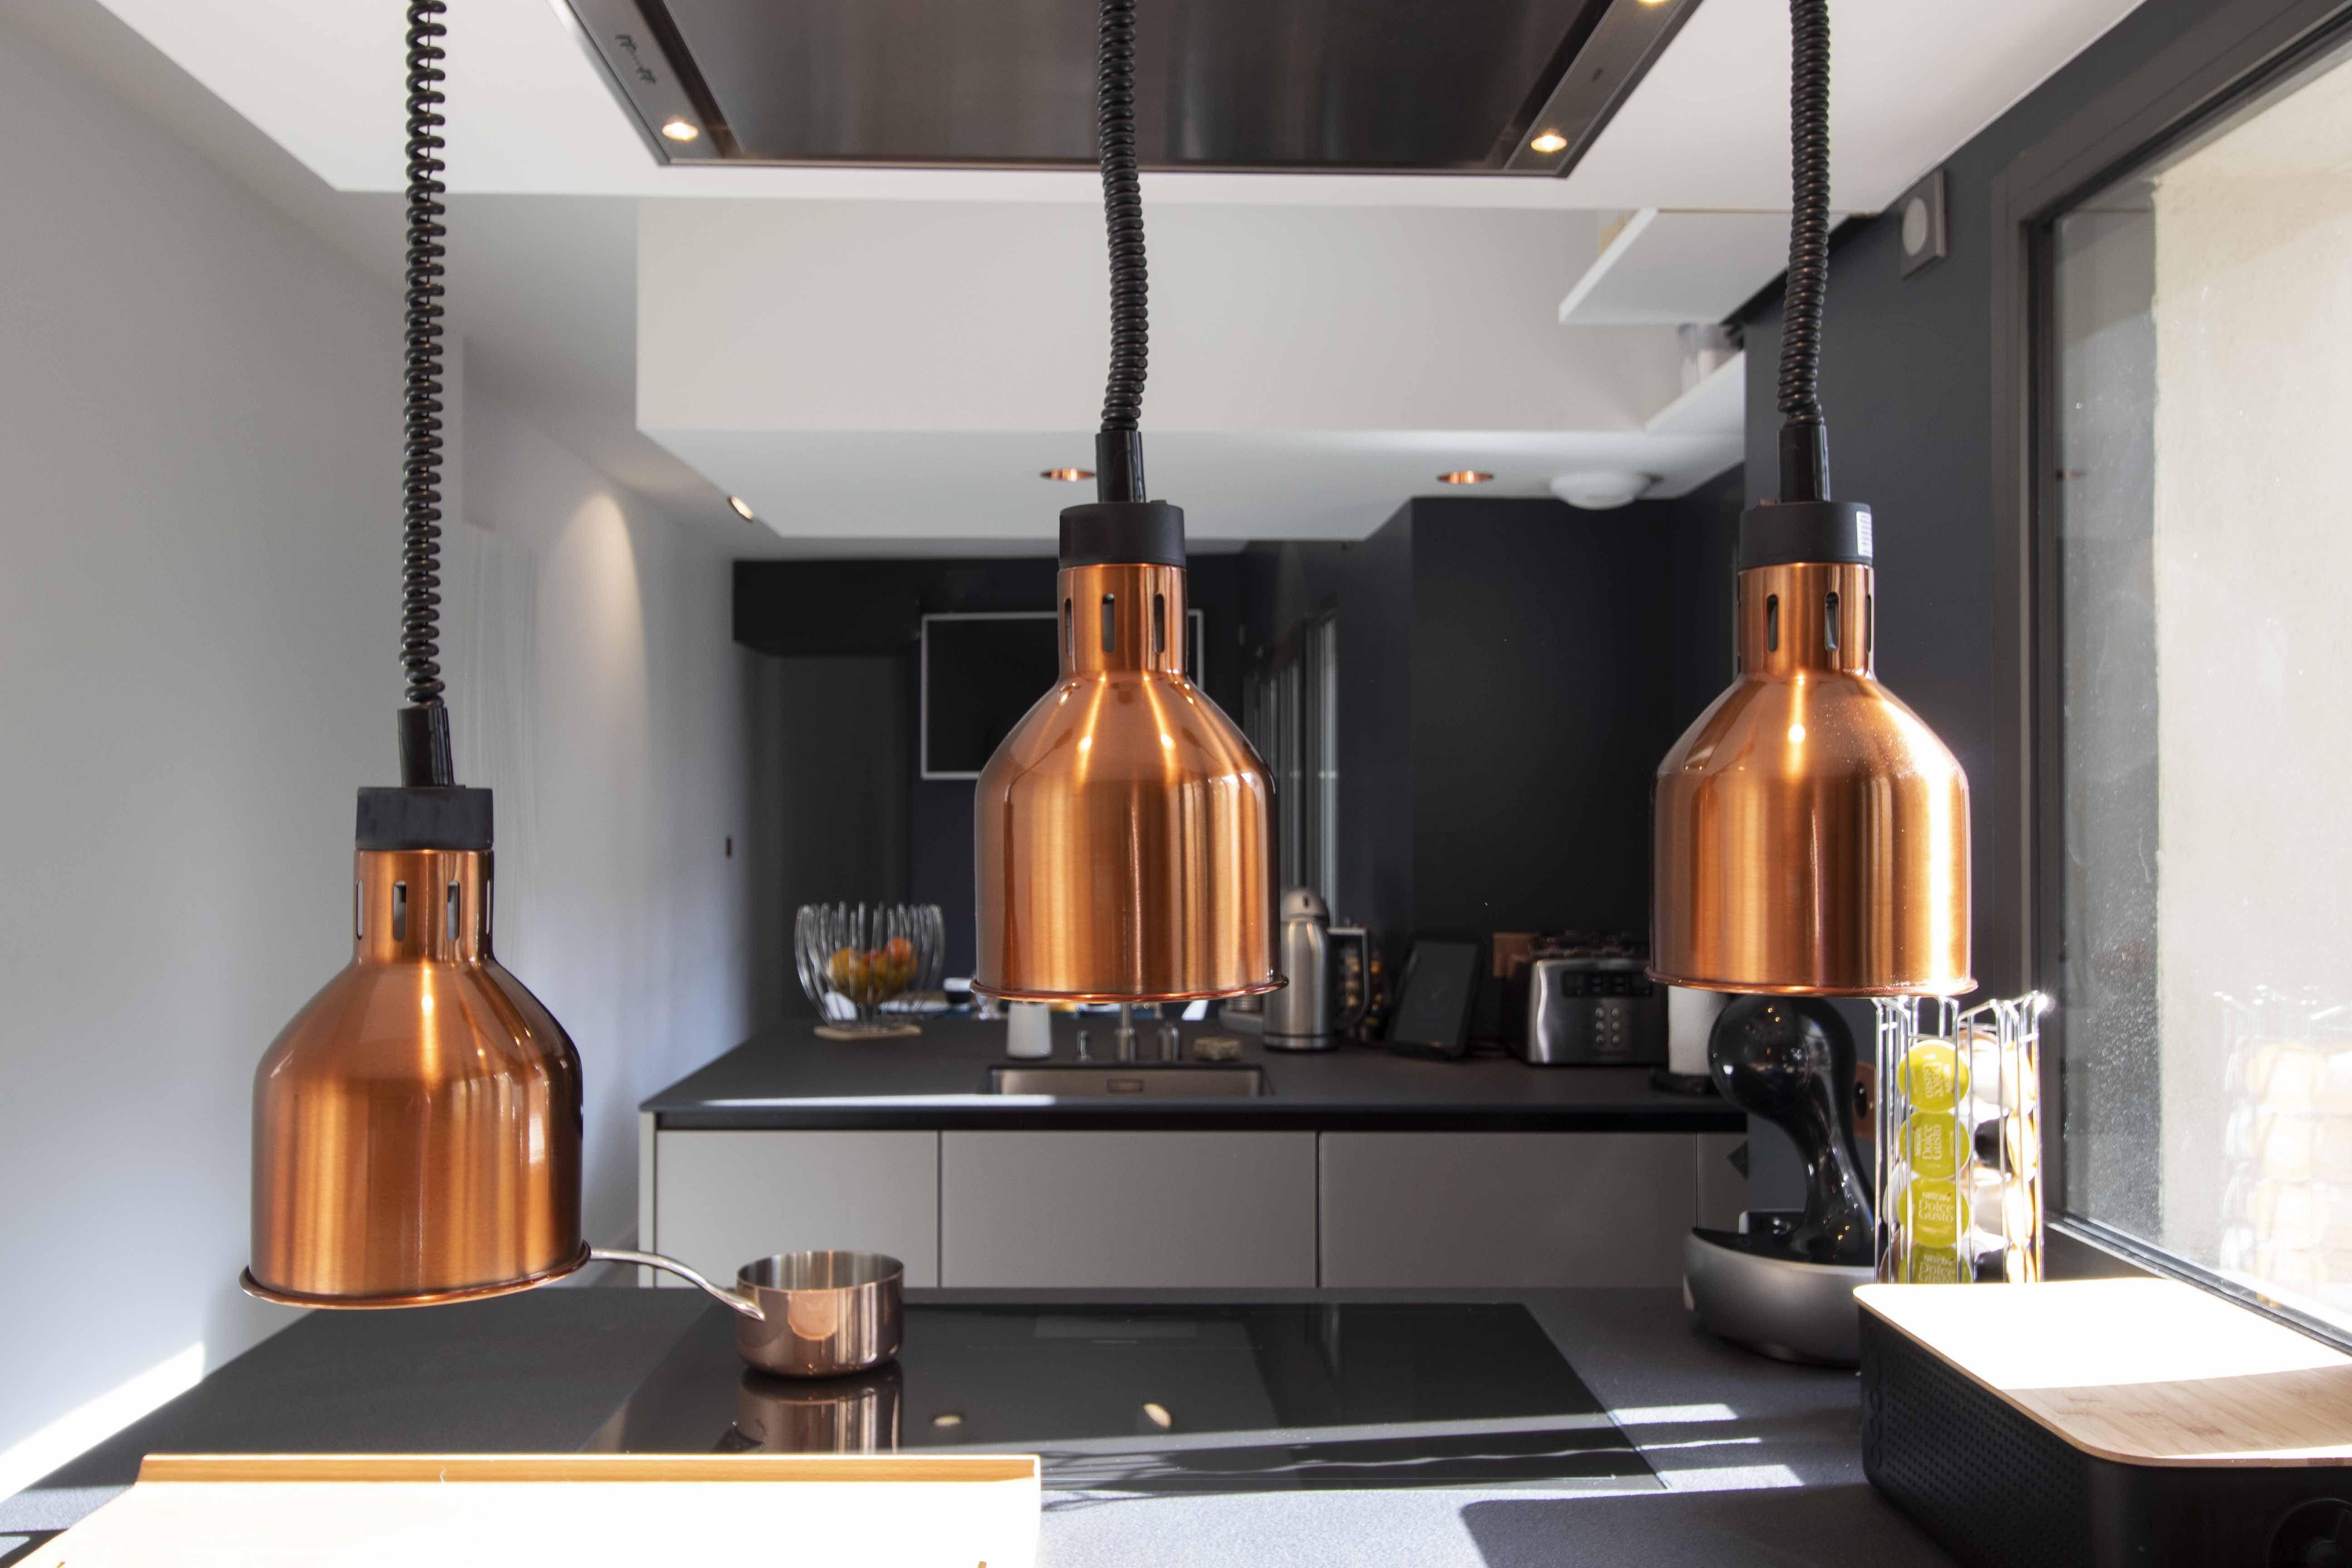 Architecte Interieur La Rochelle cuisine bois laque et cuivre, lampes chauffantes infrarouges